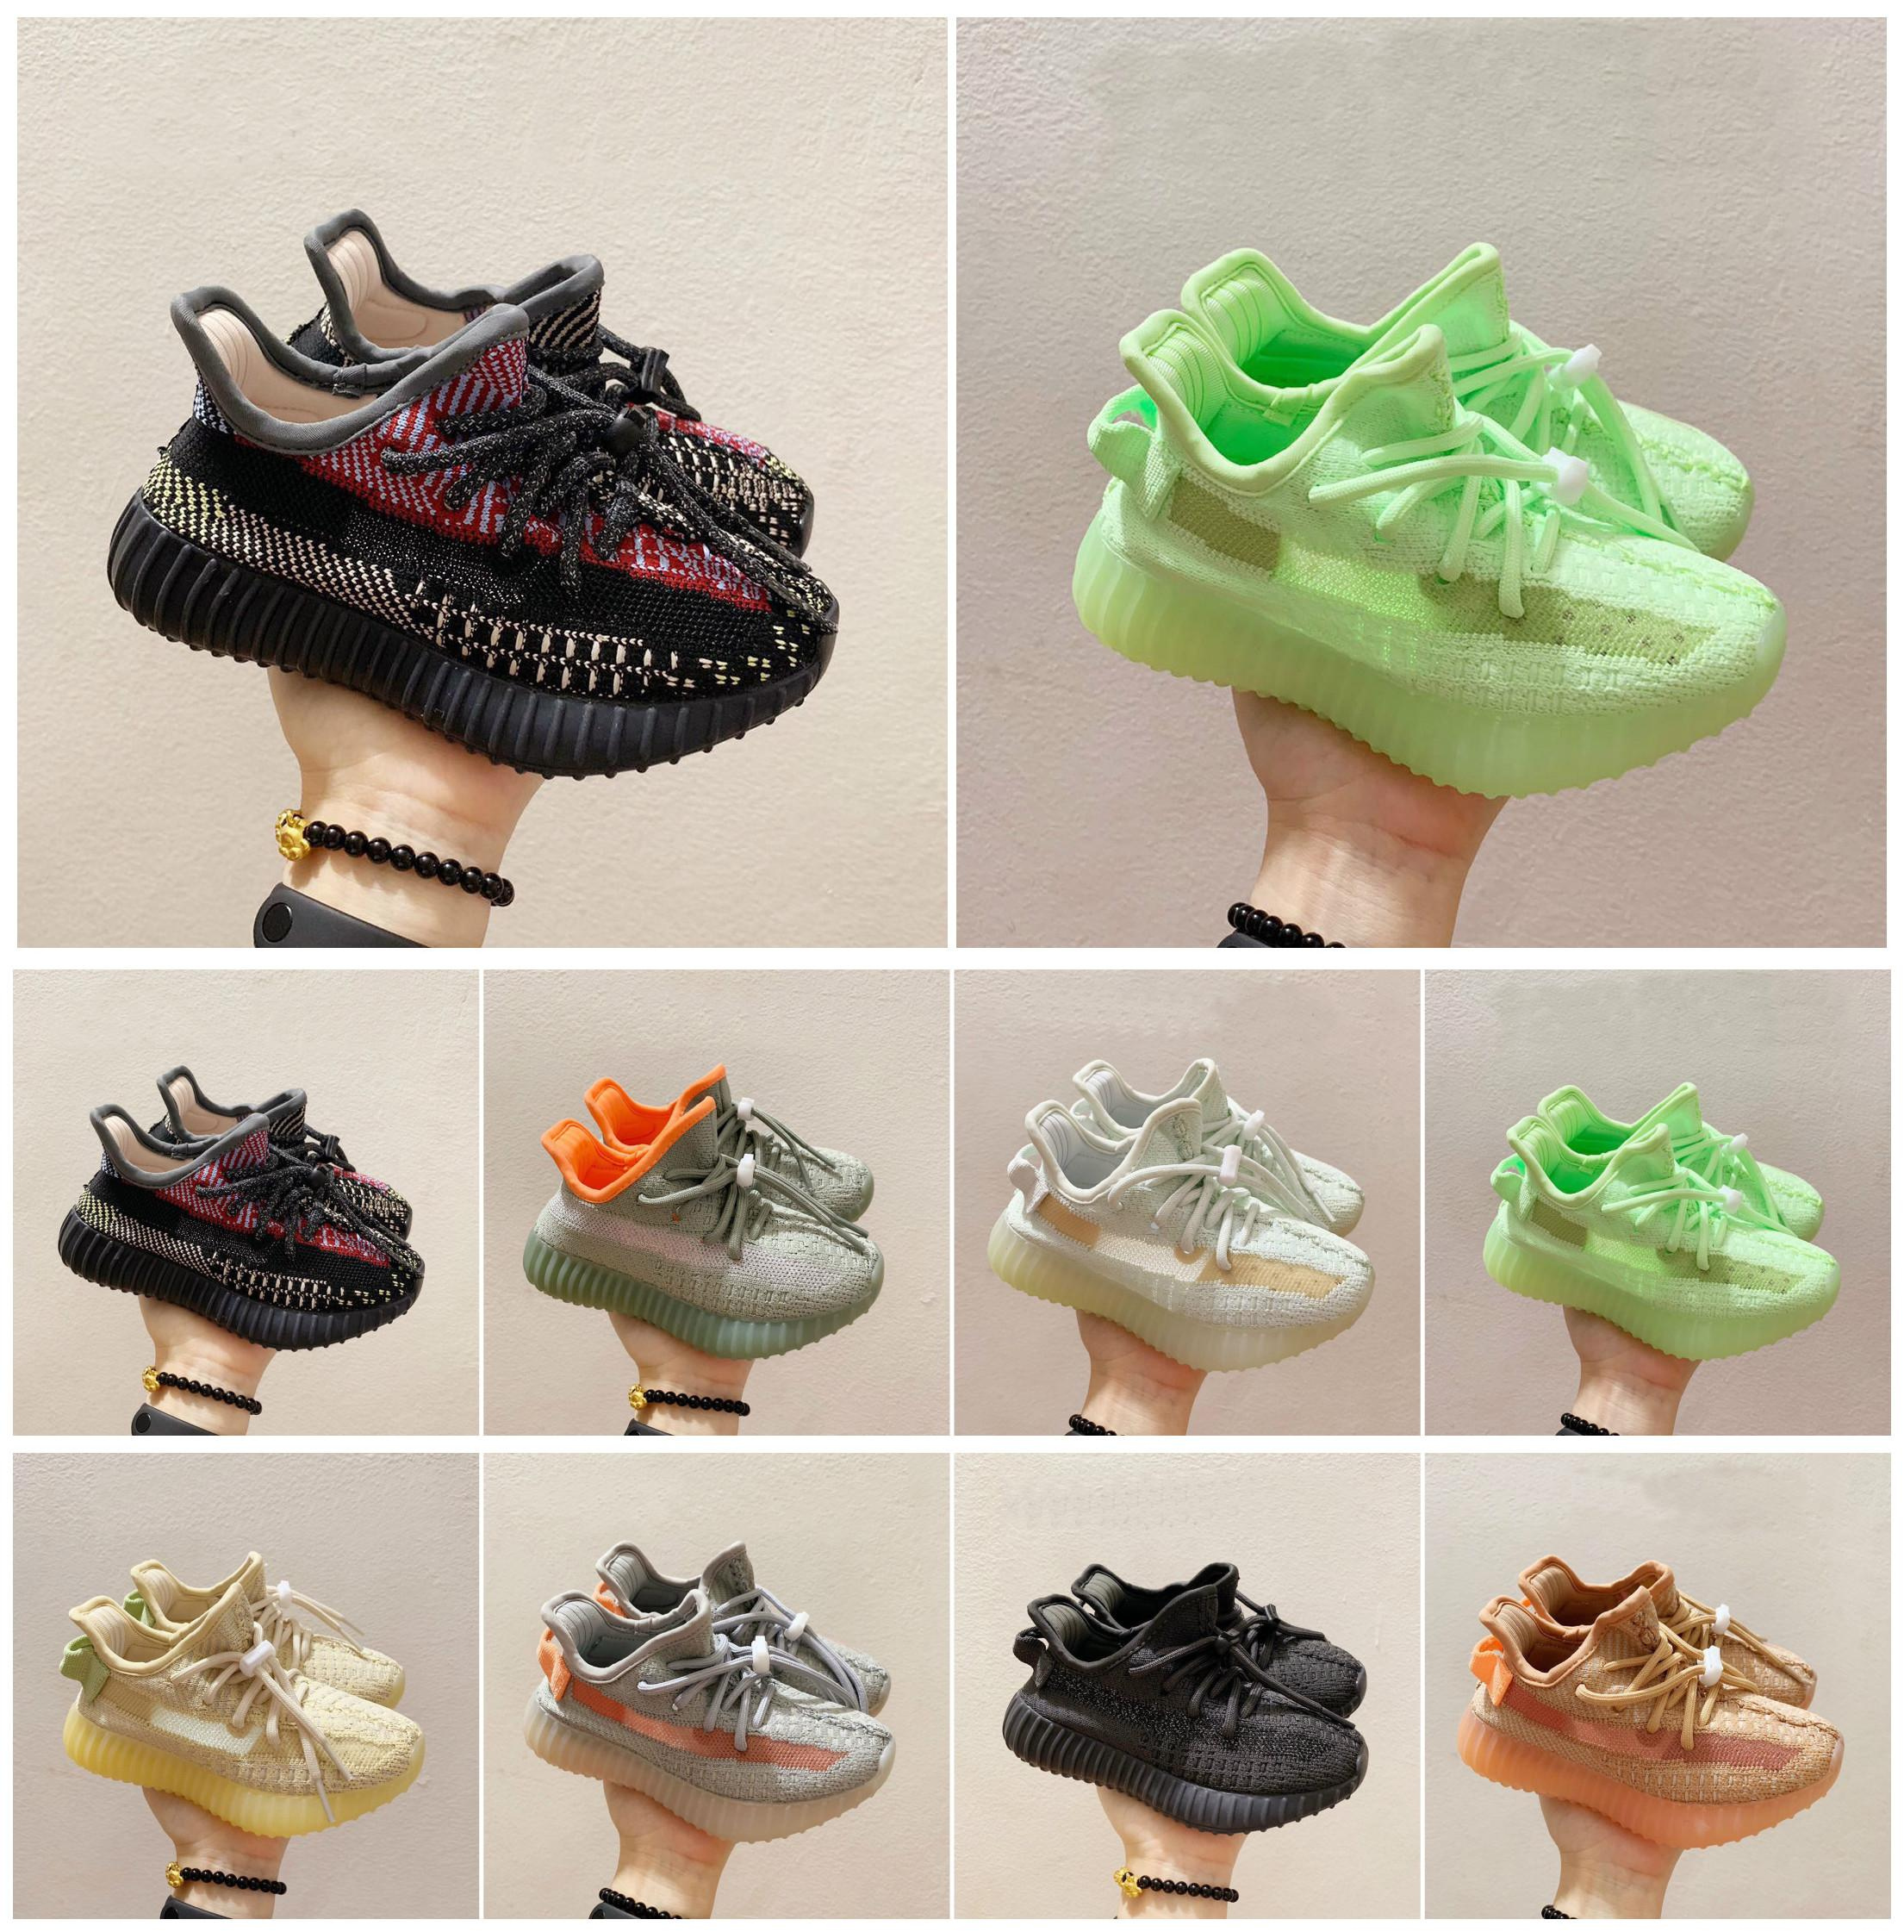 2021 أطفال الجري أحذية المدربين كاني ويست إسرافيل Yecheil الرضع كريم أبيض أسود أخضر بوي فتاة الأطفال طفل أنيق أحذية رياضية مع صندوق